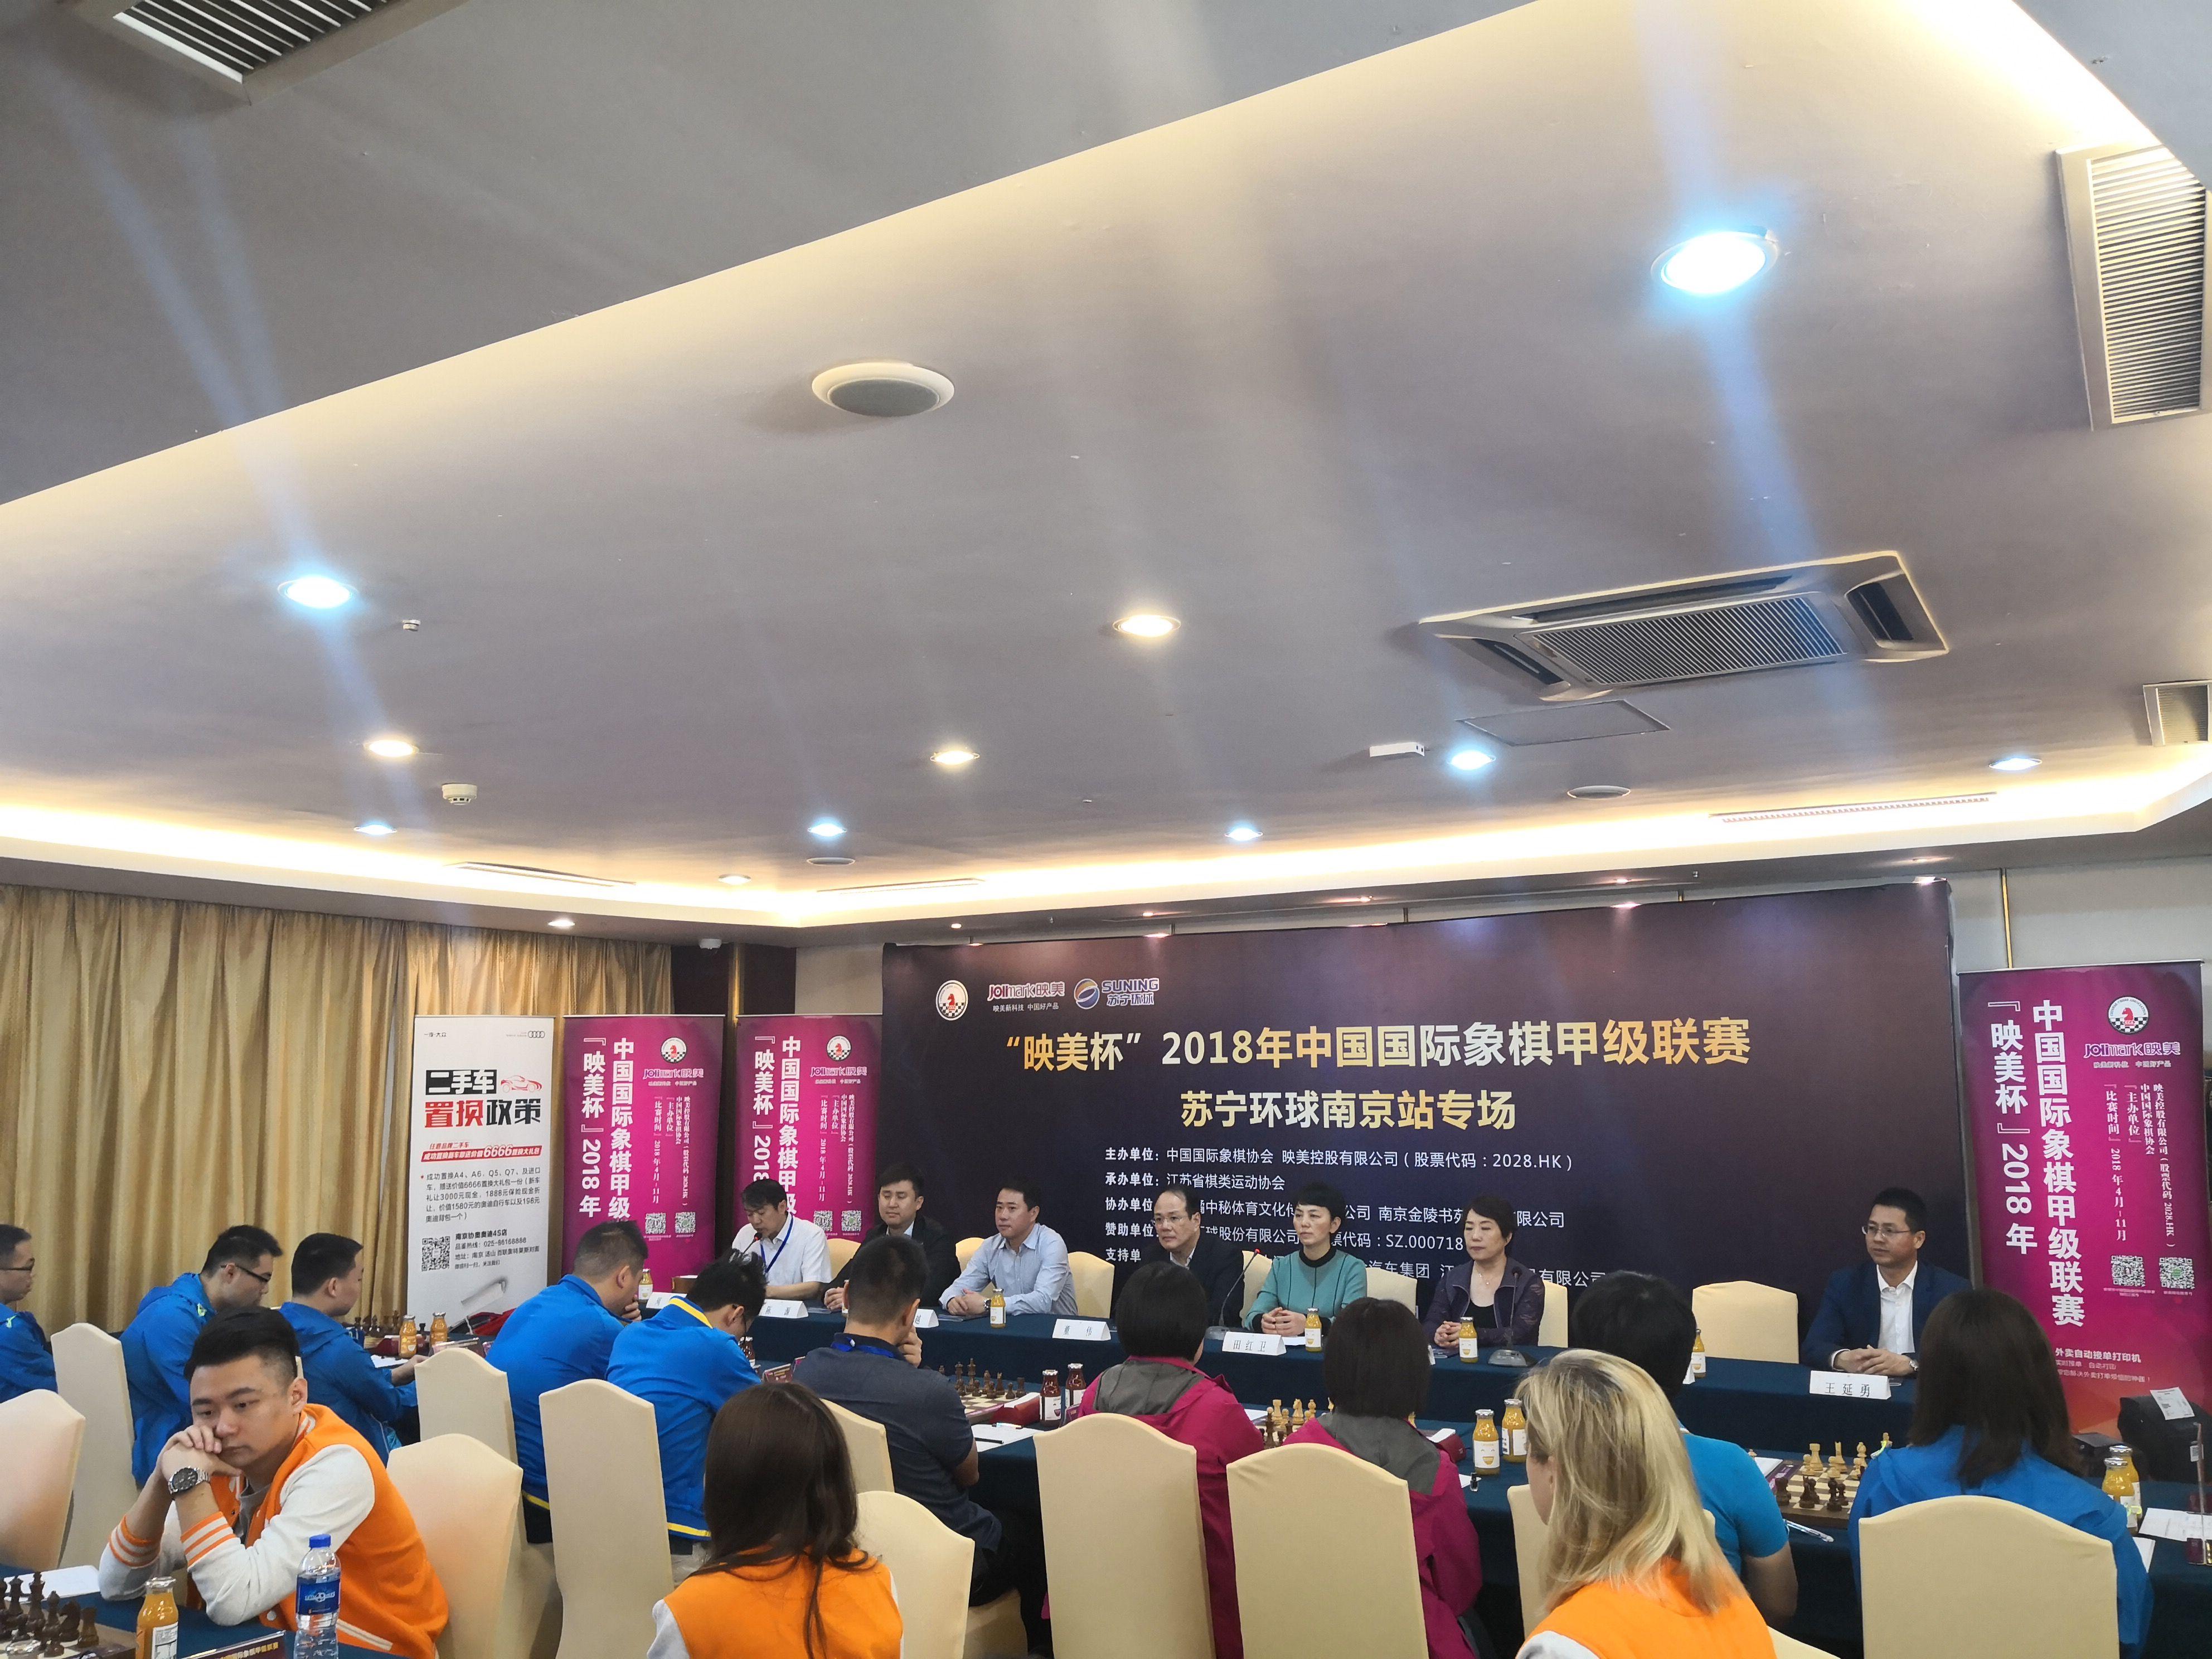 国象联赛第5轮战罢:上海领跑 天津爆冷负升班马